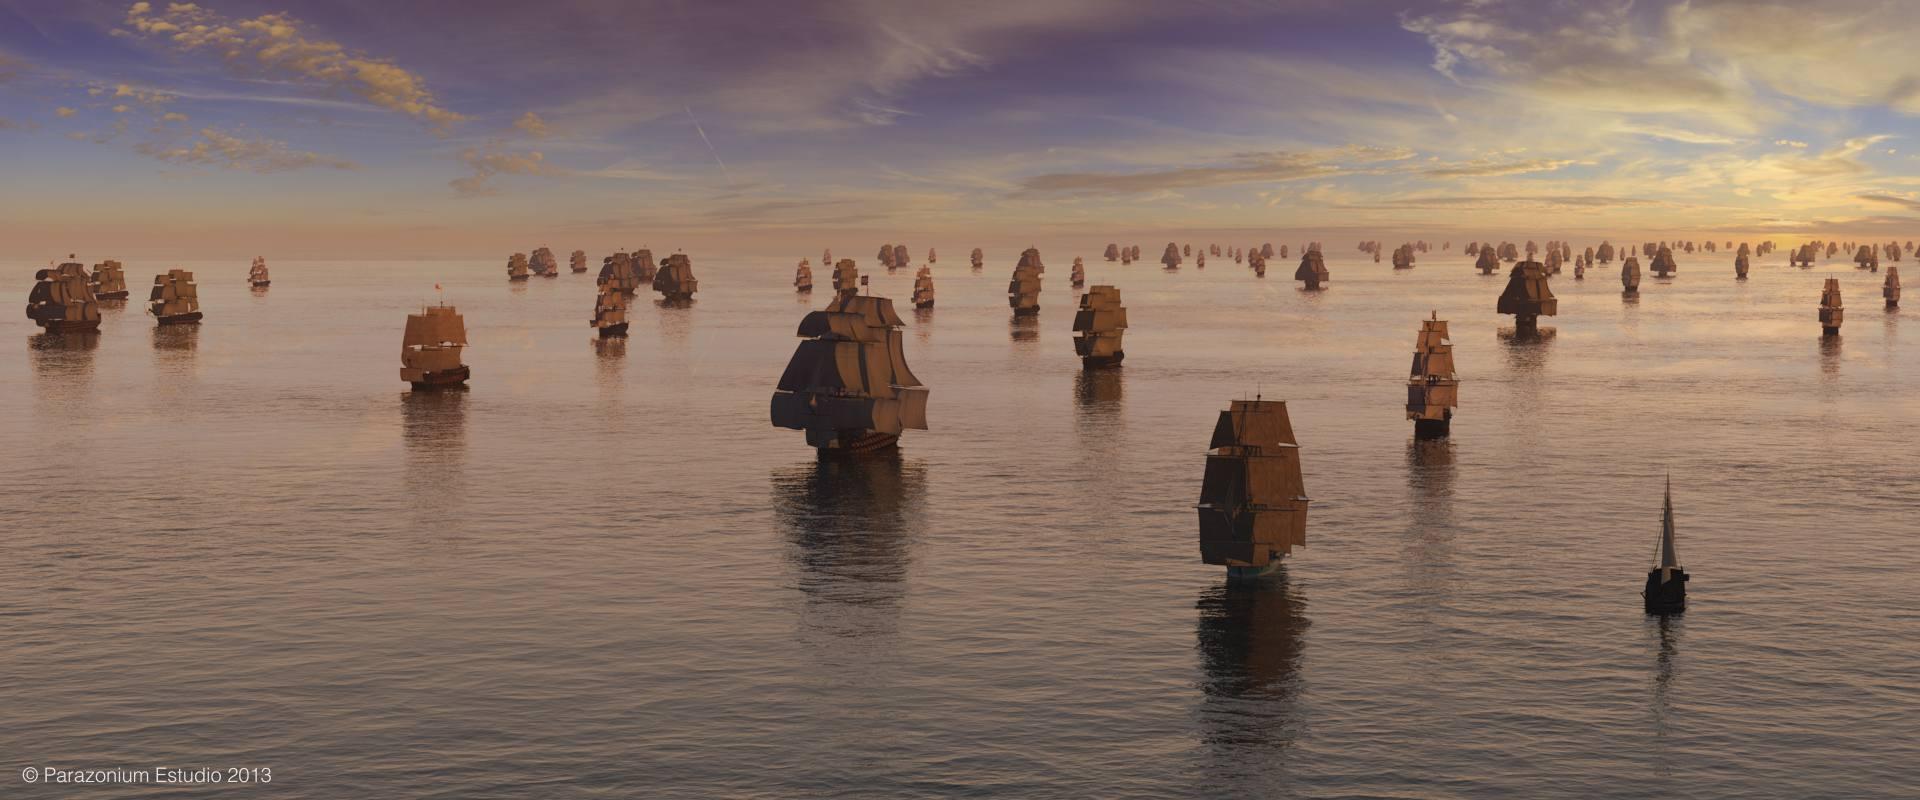 La flota de Vernon se reúne en Jamaica para la invasión de Cartagena